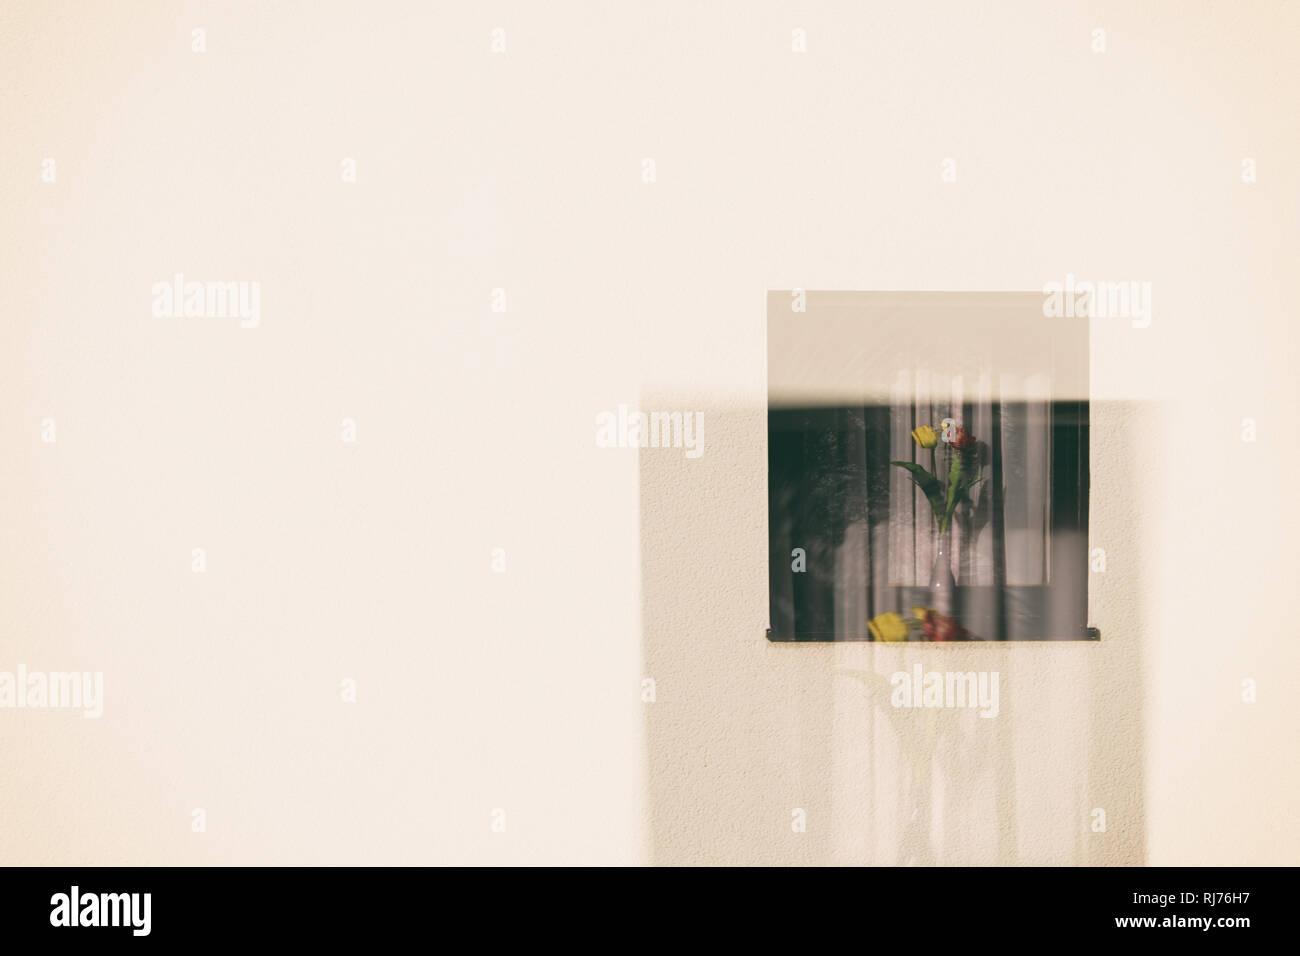 Doppelbelichtung einer Fassade mit kleinem Fenster und Blumenvase, - Stock Image